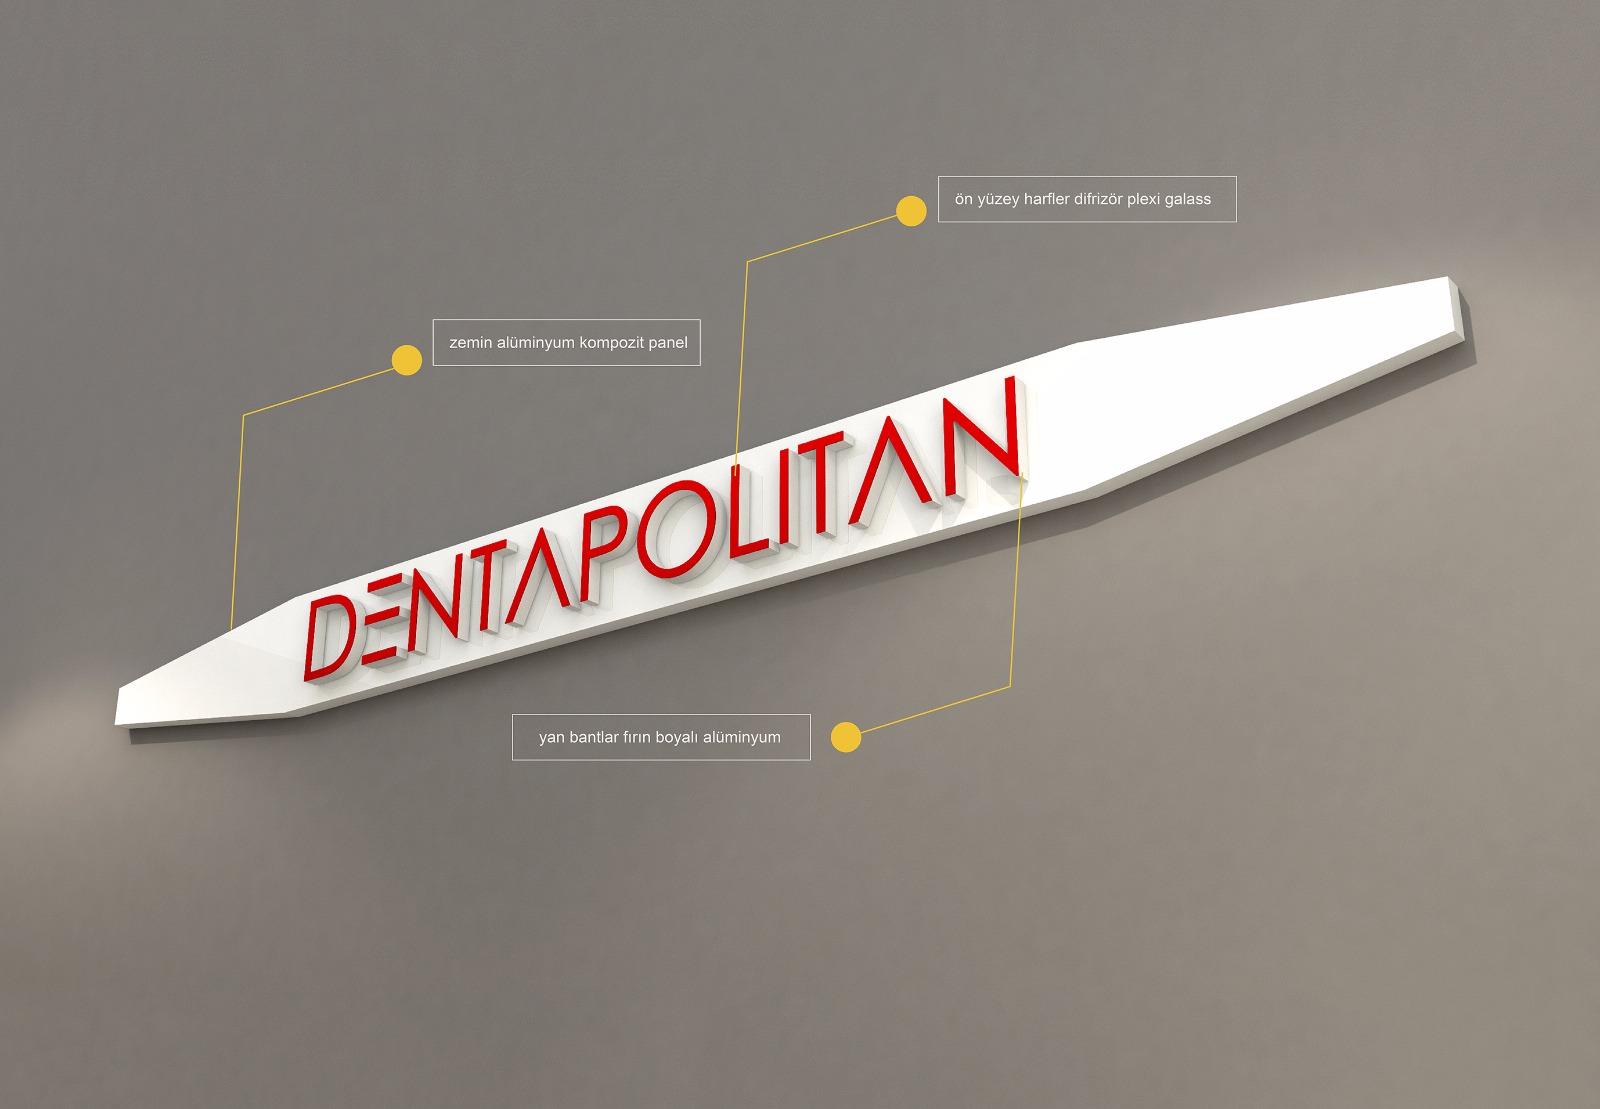 Dentapolitan Cephe Tabela 3dTasarım Çalışması